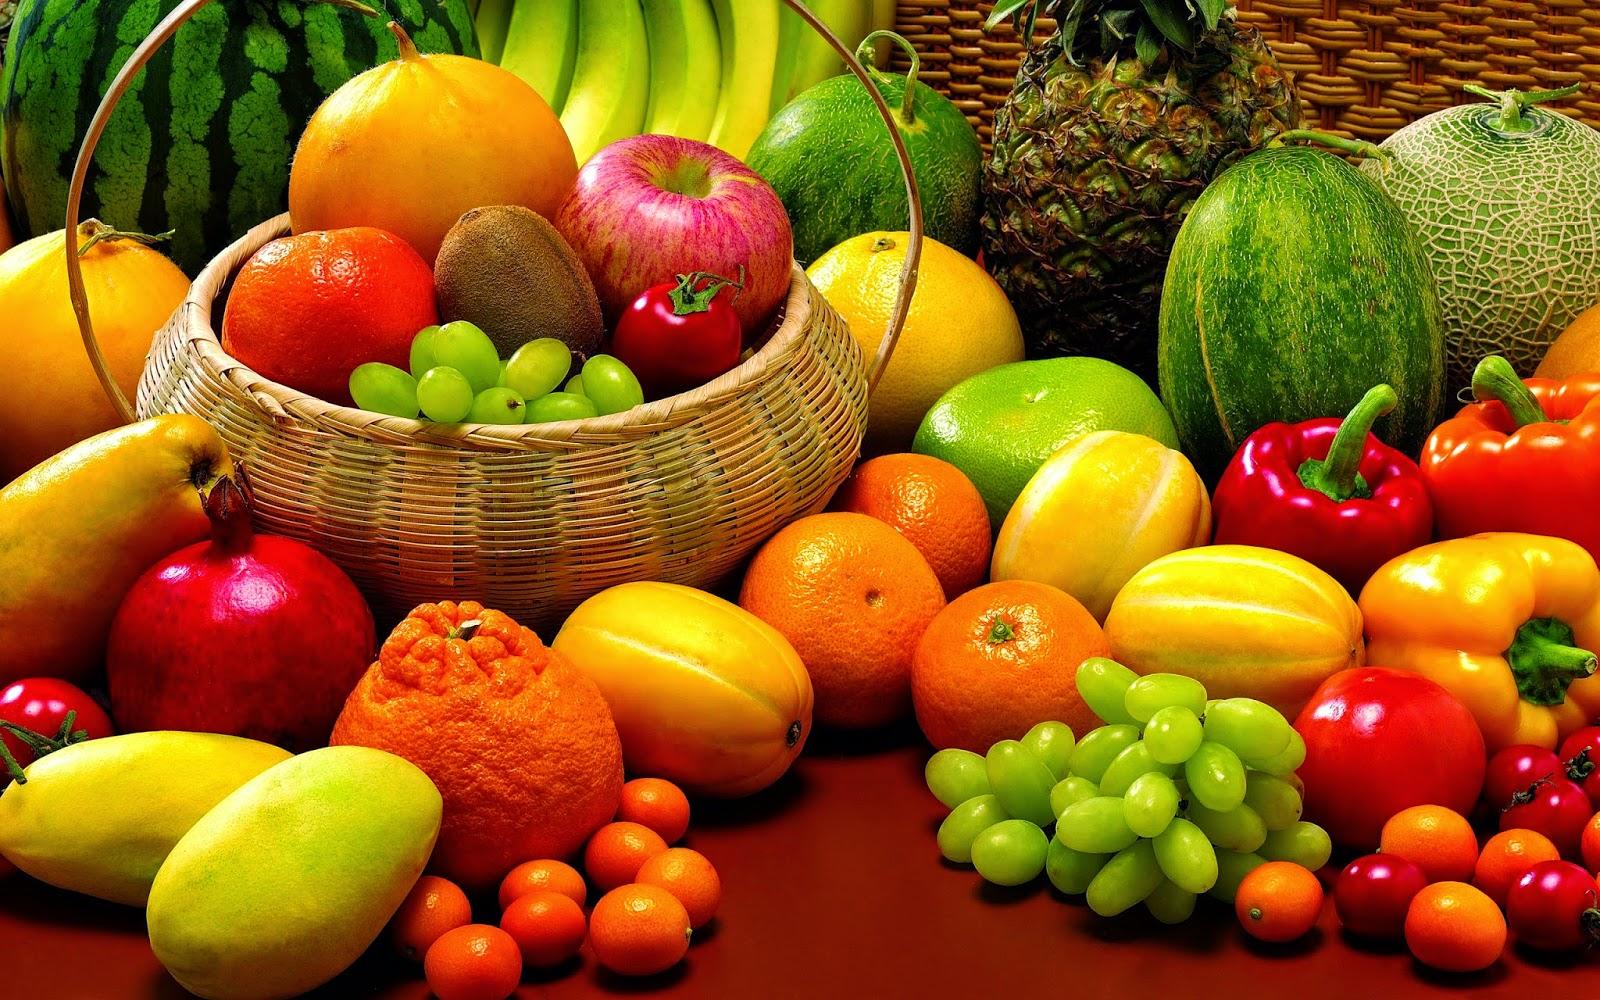 Gaya Hidup Sehat Manfaat Warna Warni Buah buahan dan Sayur sayuran